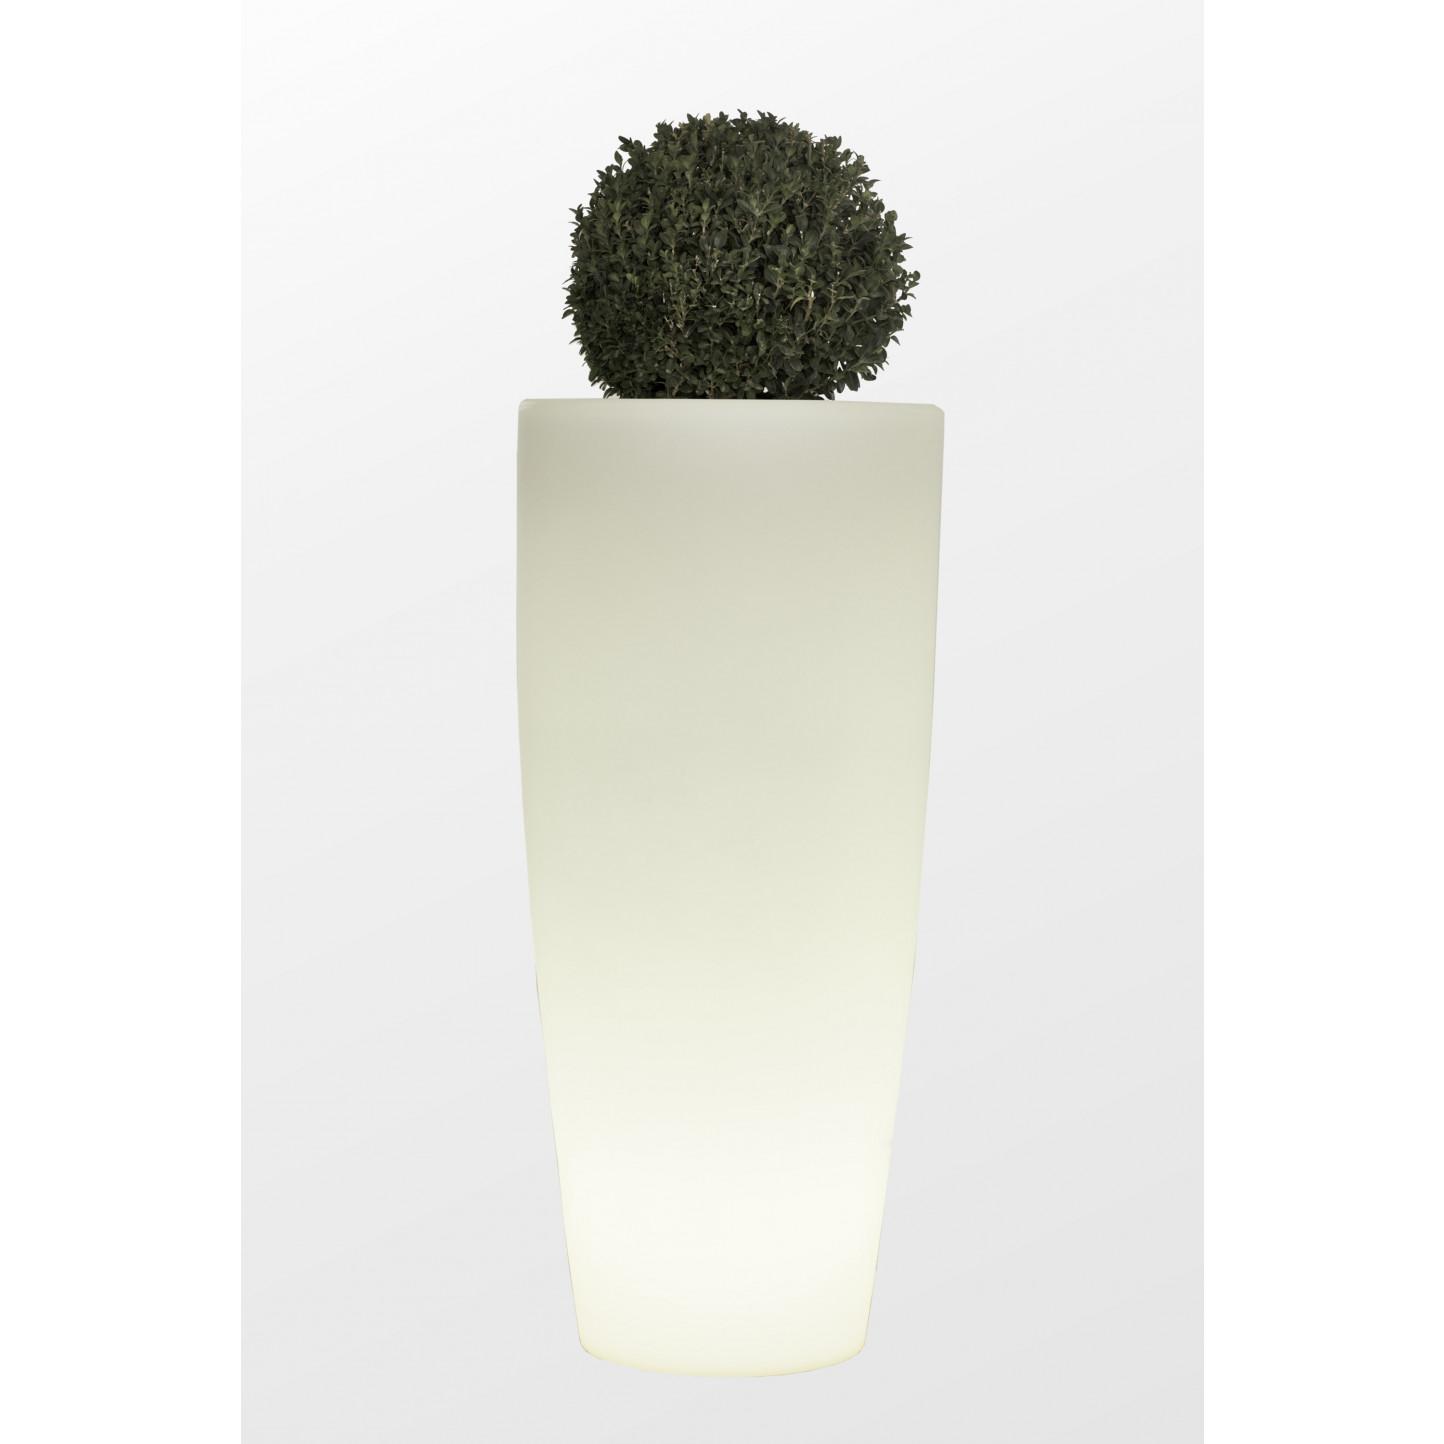 Vase Light Indoor / Outdoor Bullet   White